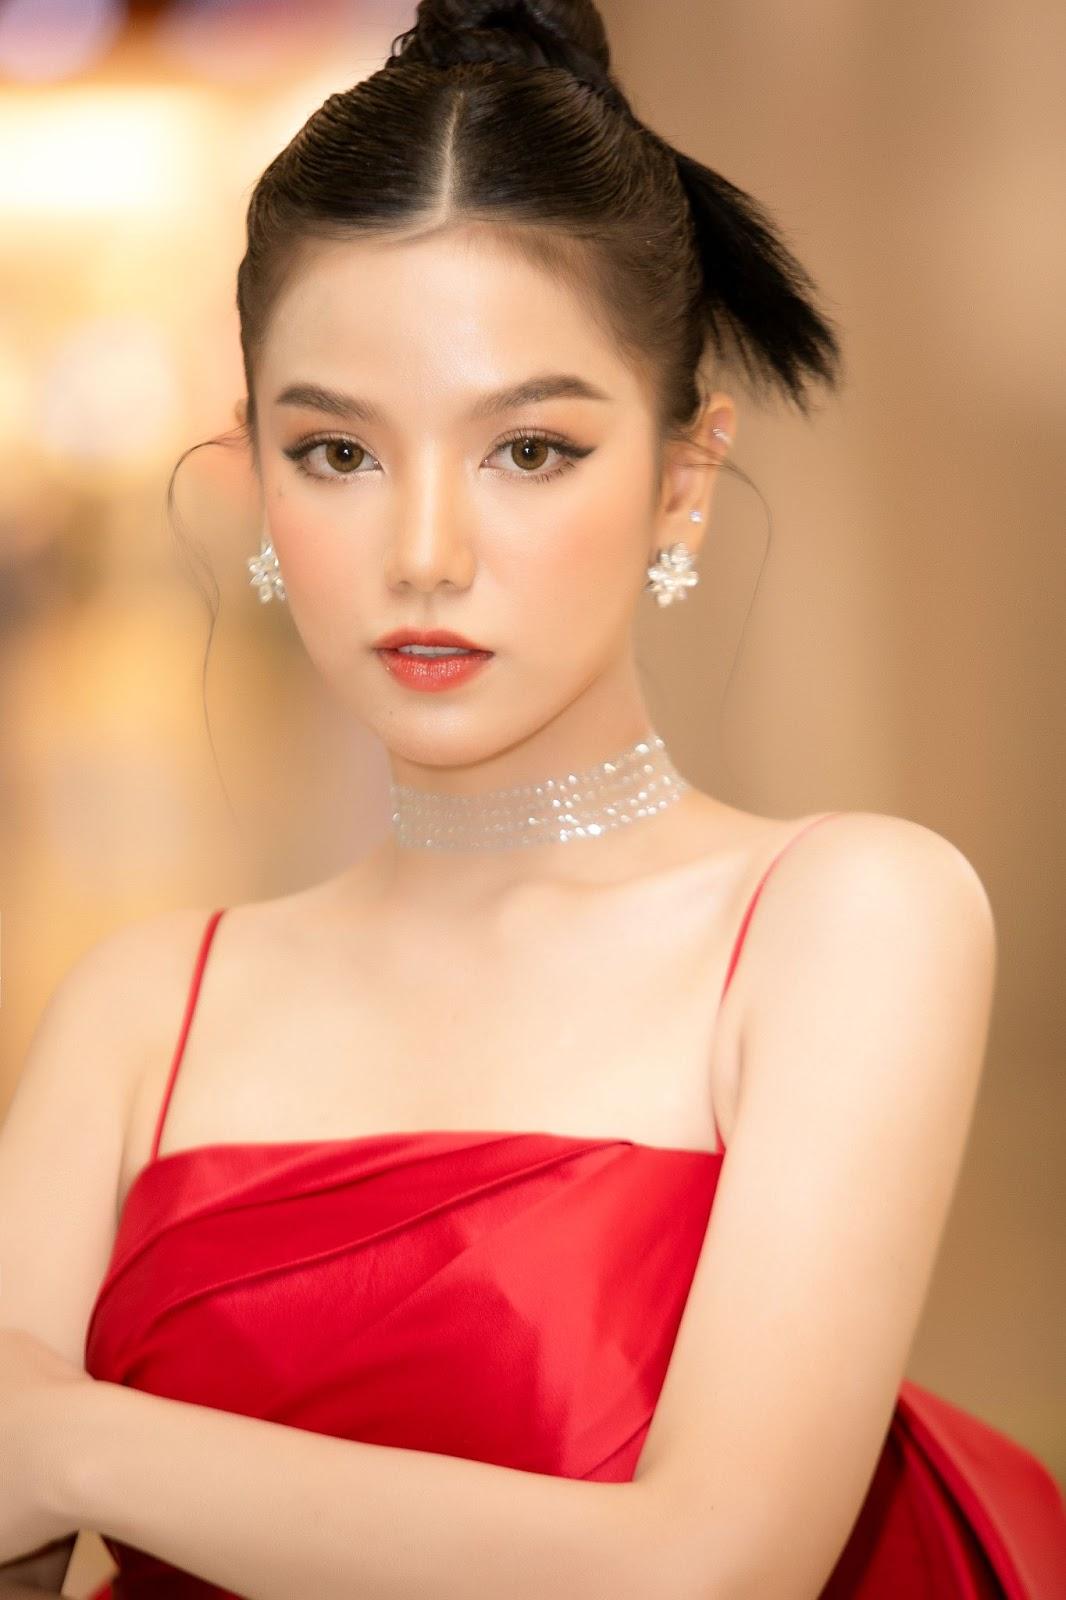 Lê Hạ Anh: Từ ngôi sao thời trang trở thành ngọc nữ tiềm năng của điện ảnh Việt - Hình 7